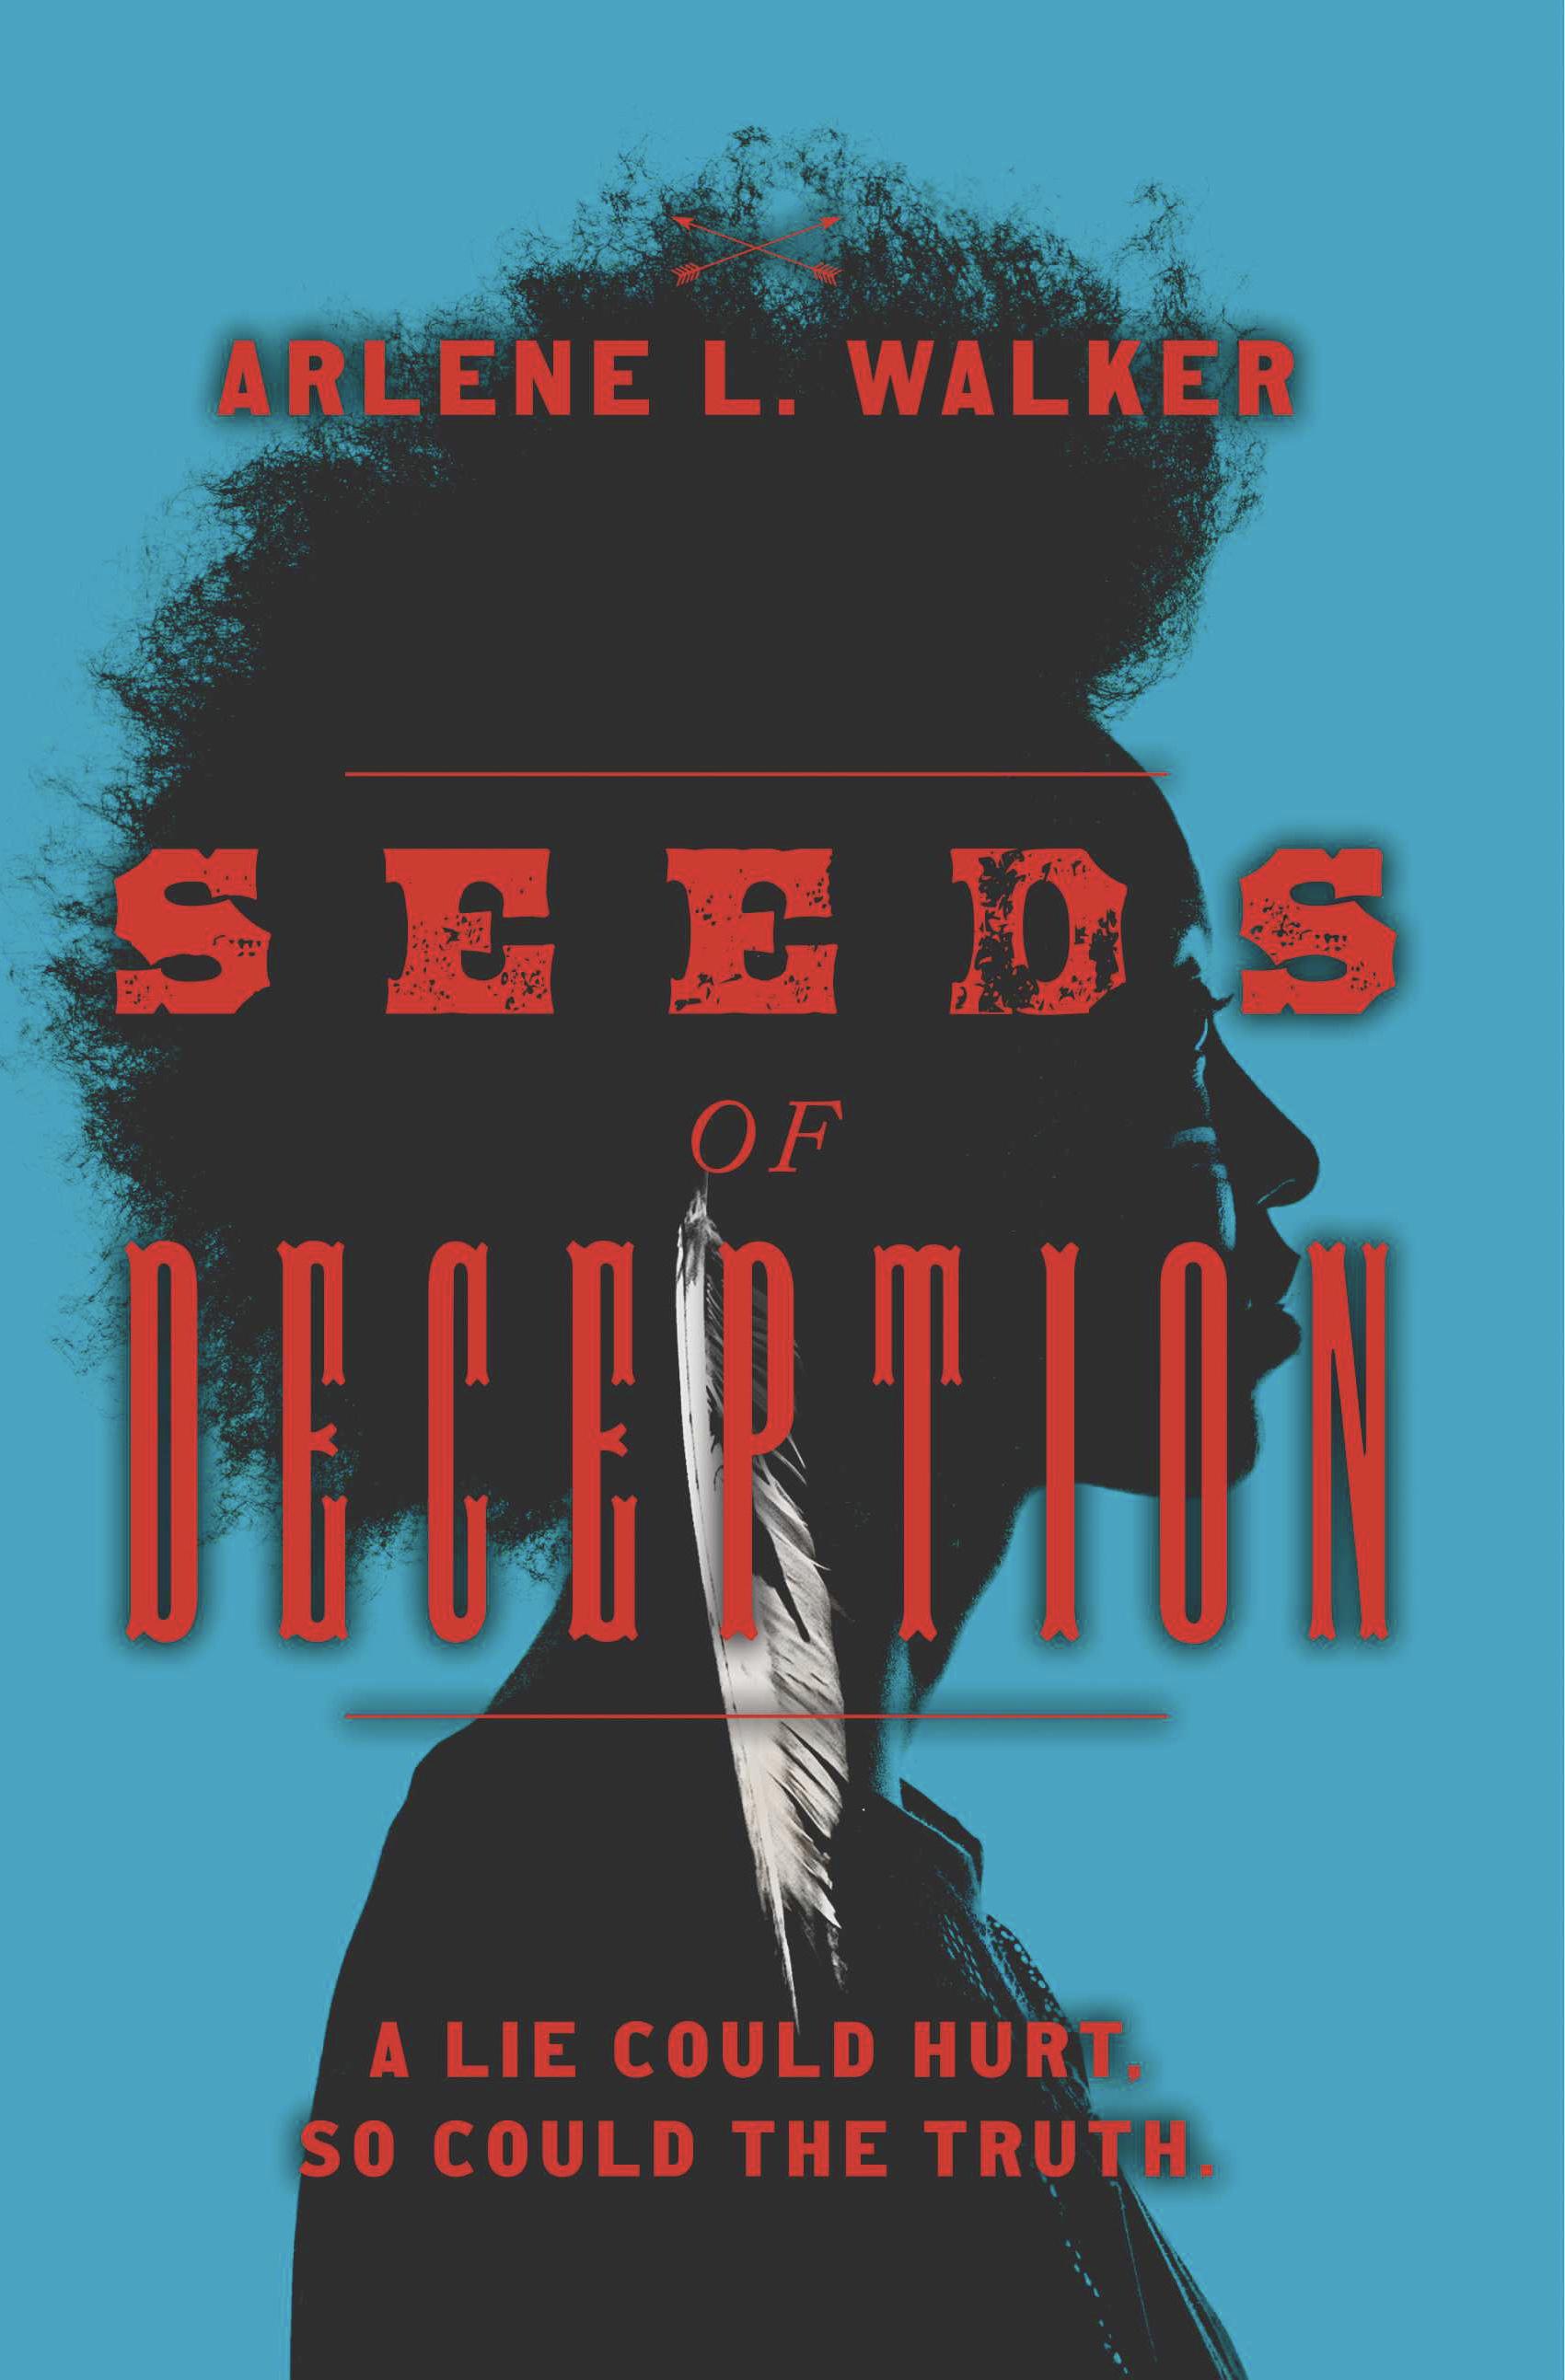 arlene-l-walker-seeds-of-deception-cover.jpg